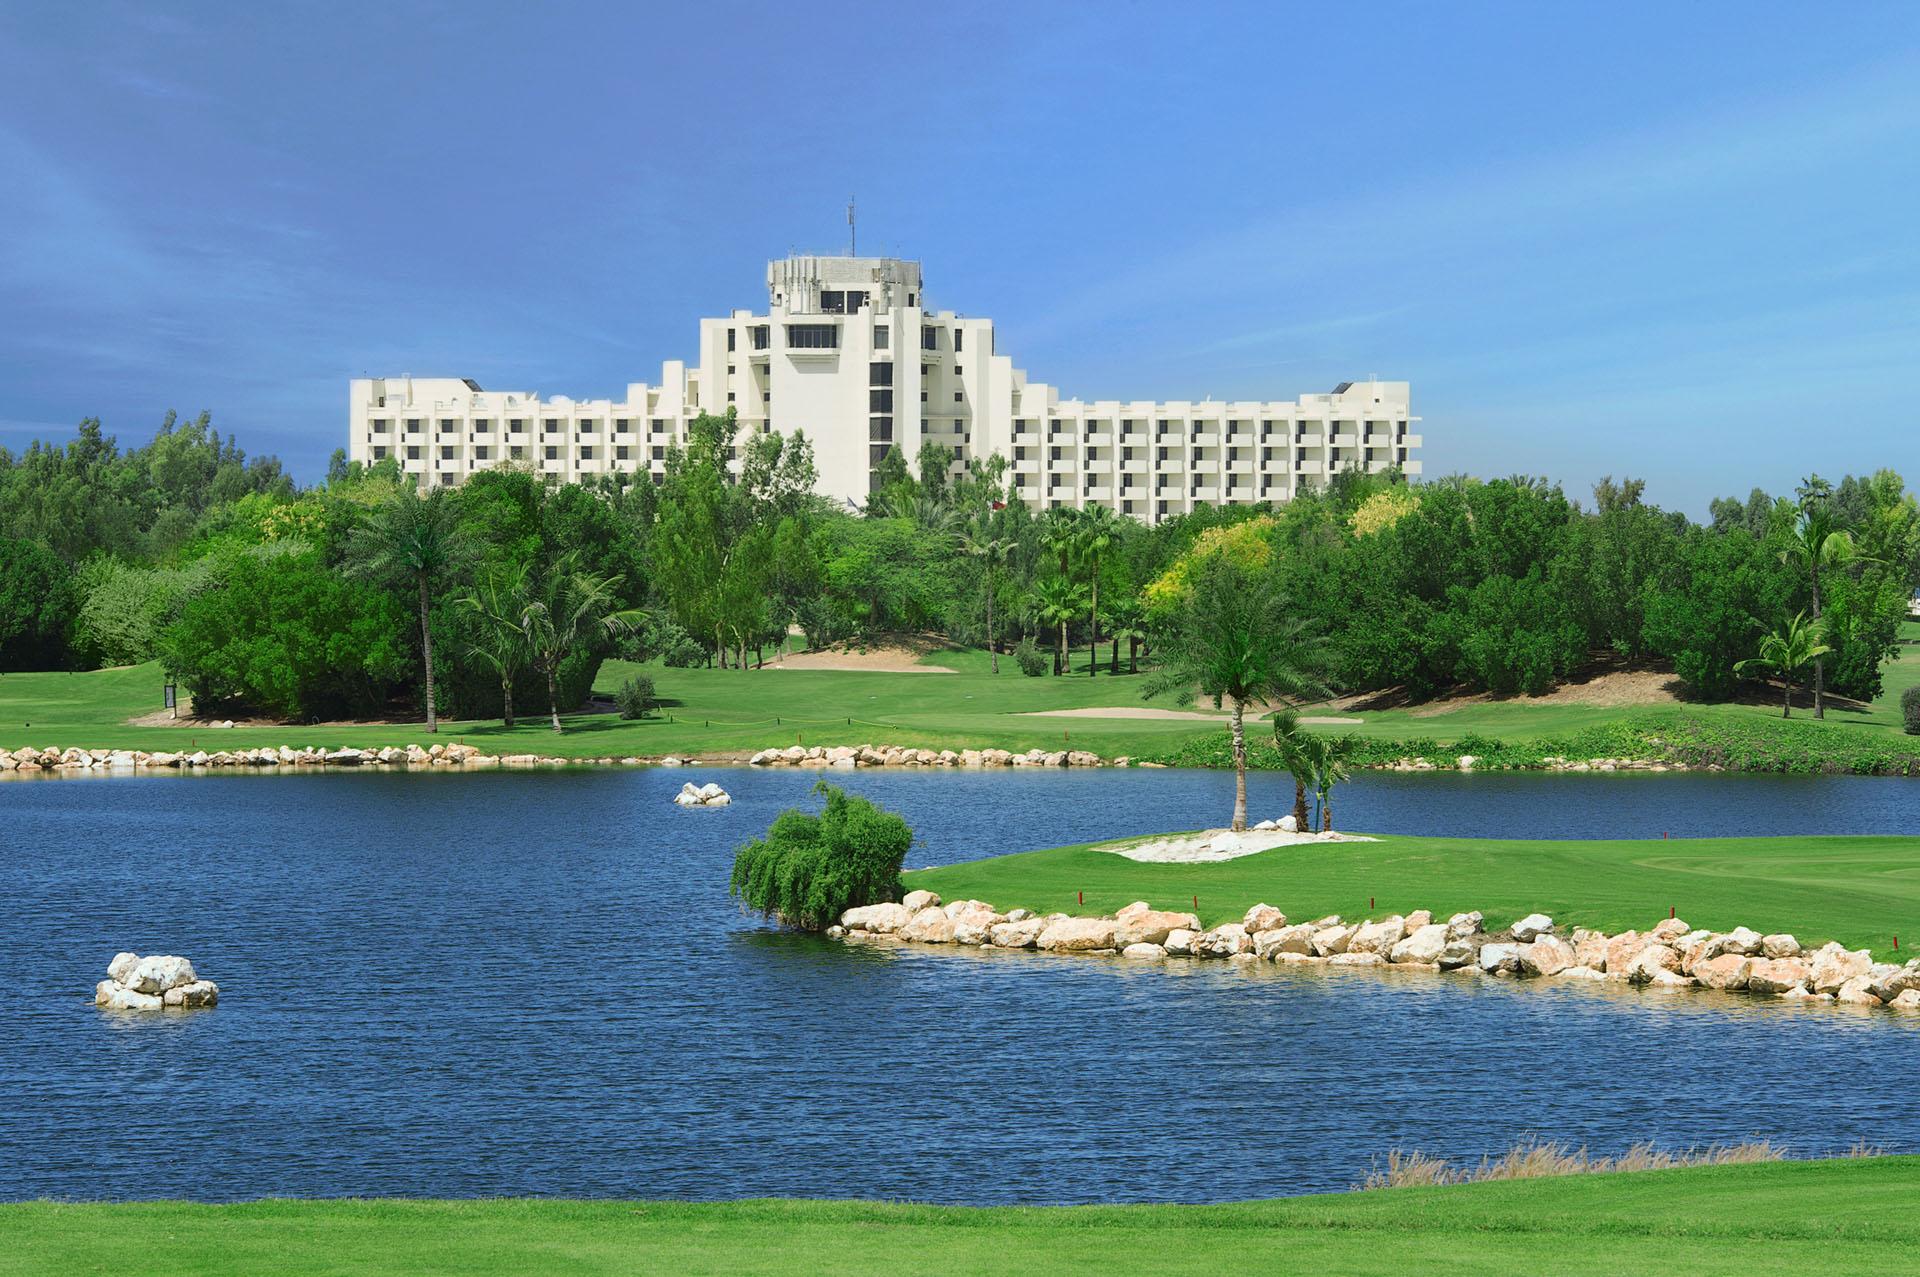 Jebel Ali Hotel & Golf Resort